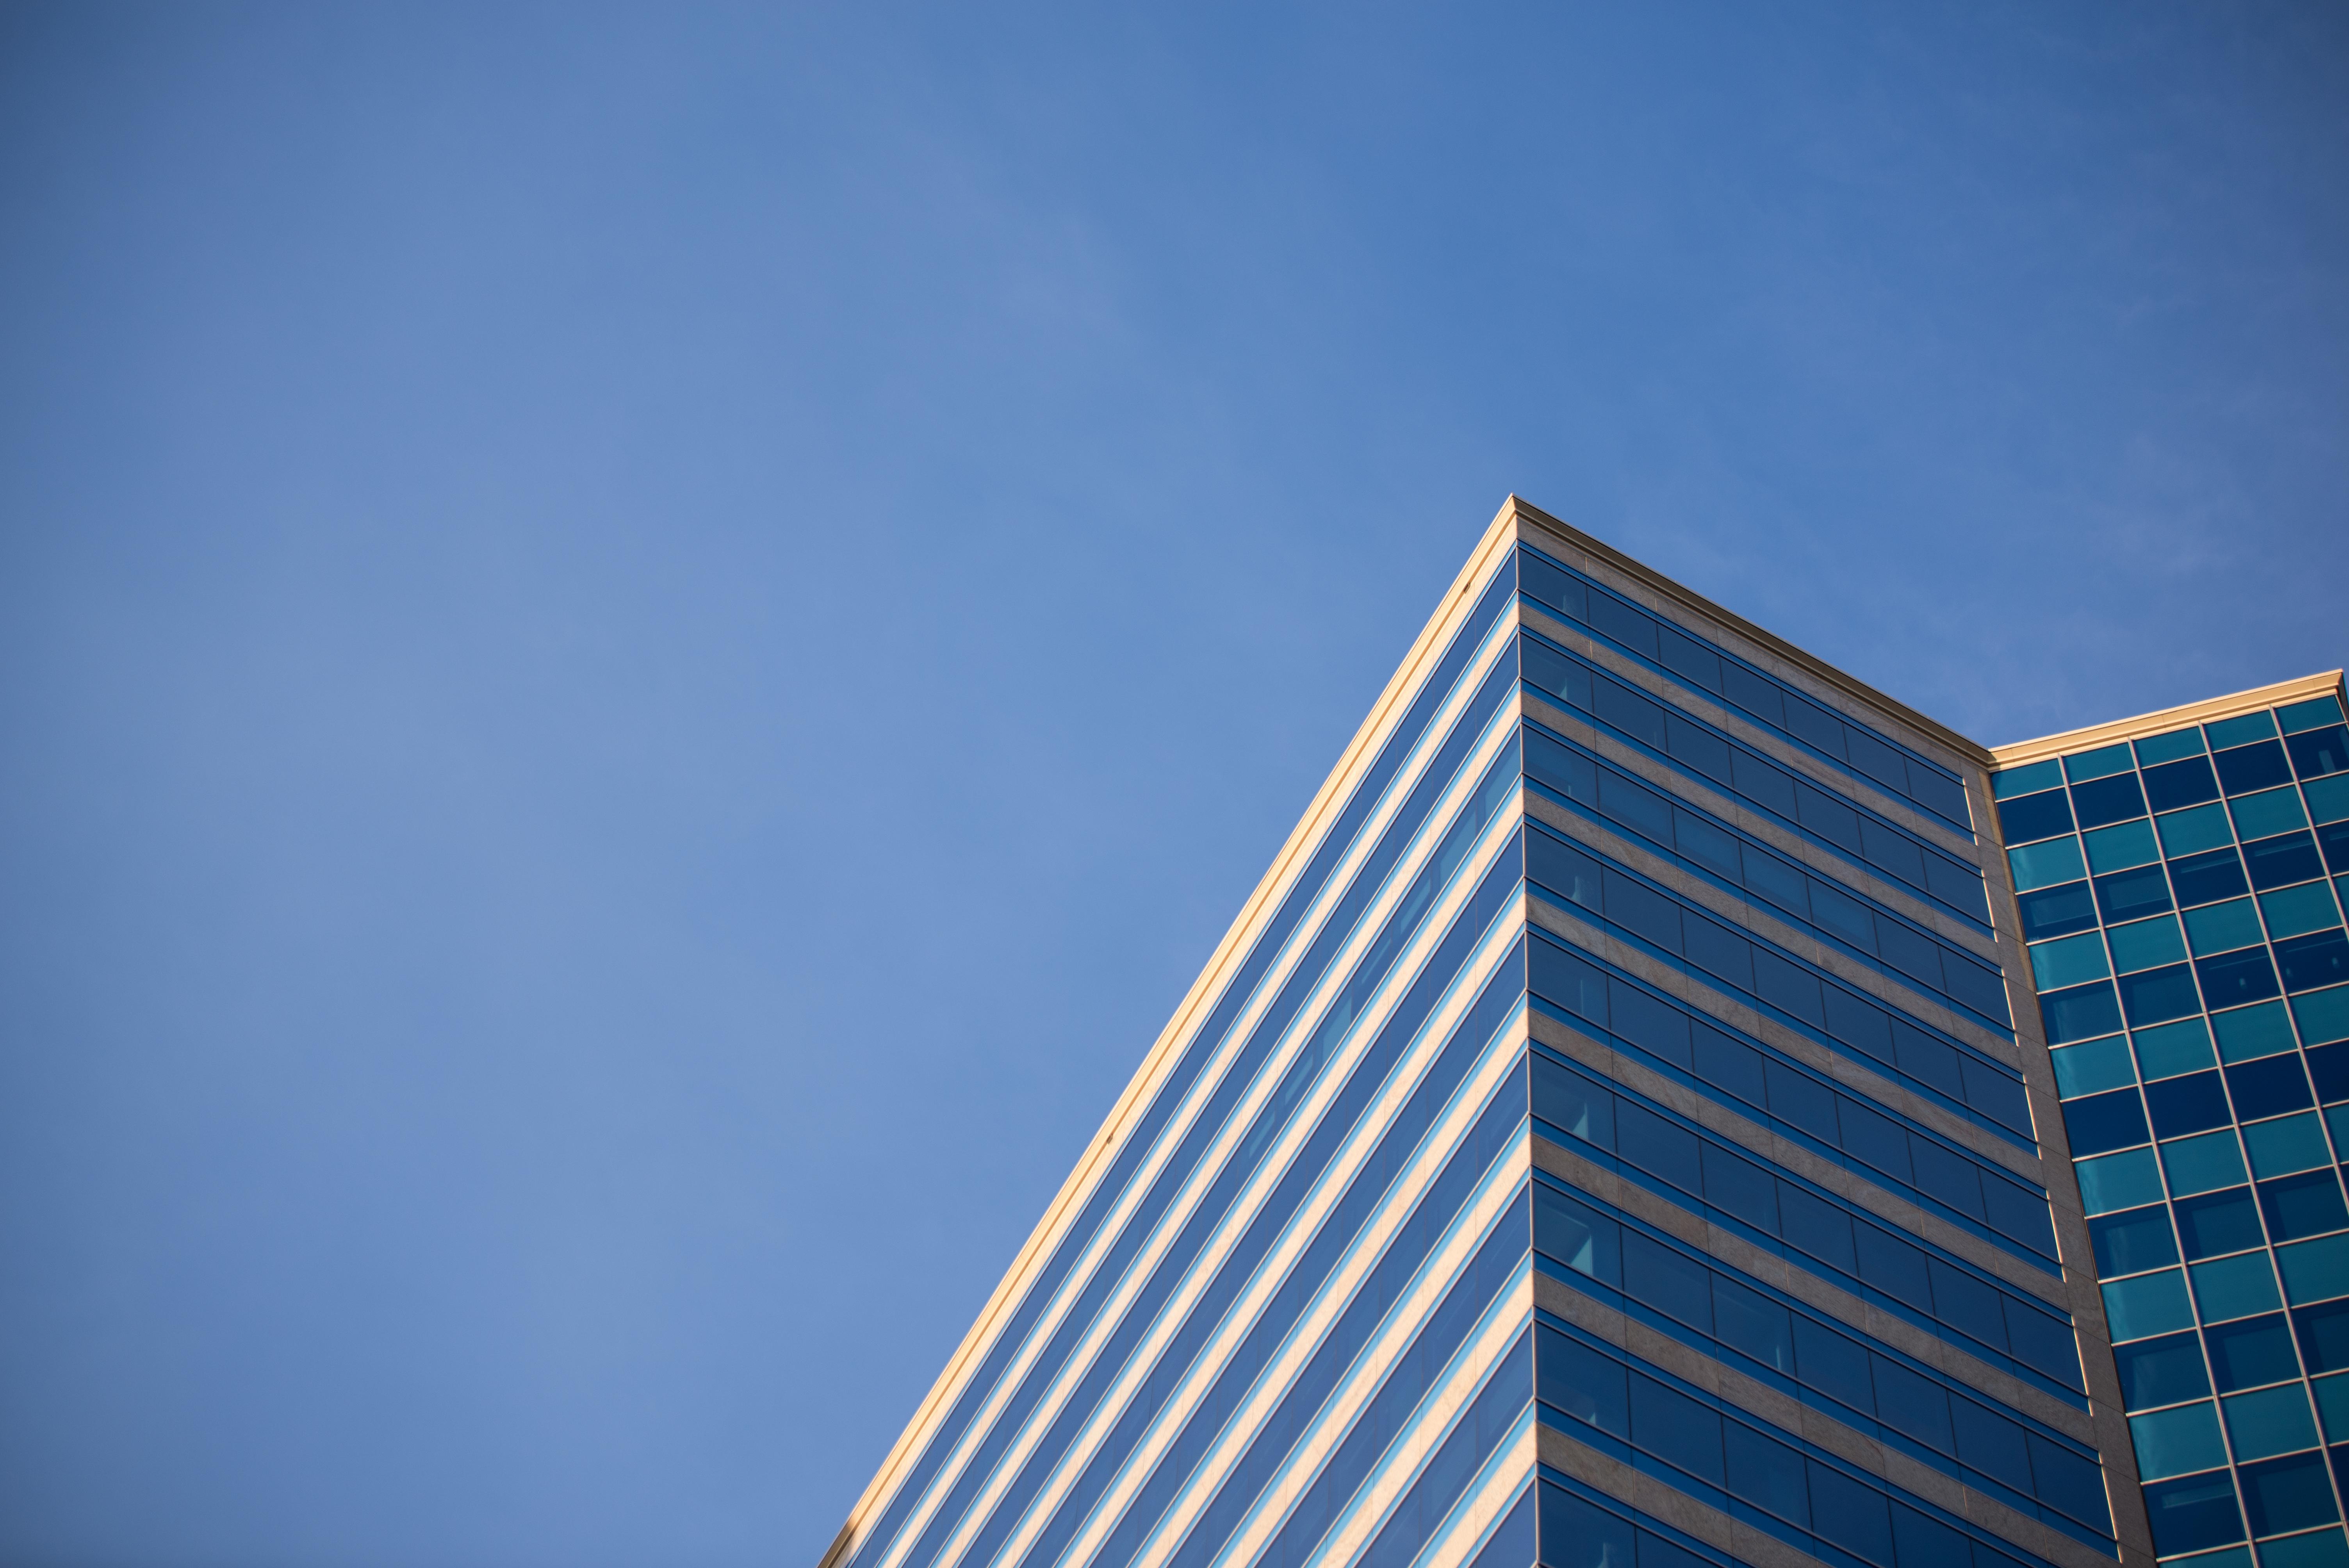 Architecture-42.jpg